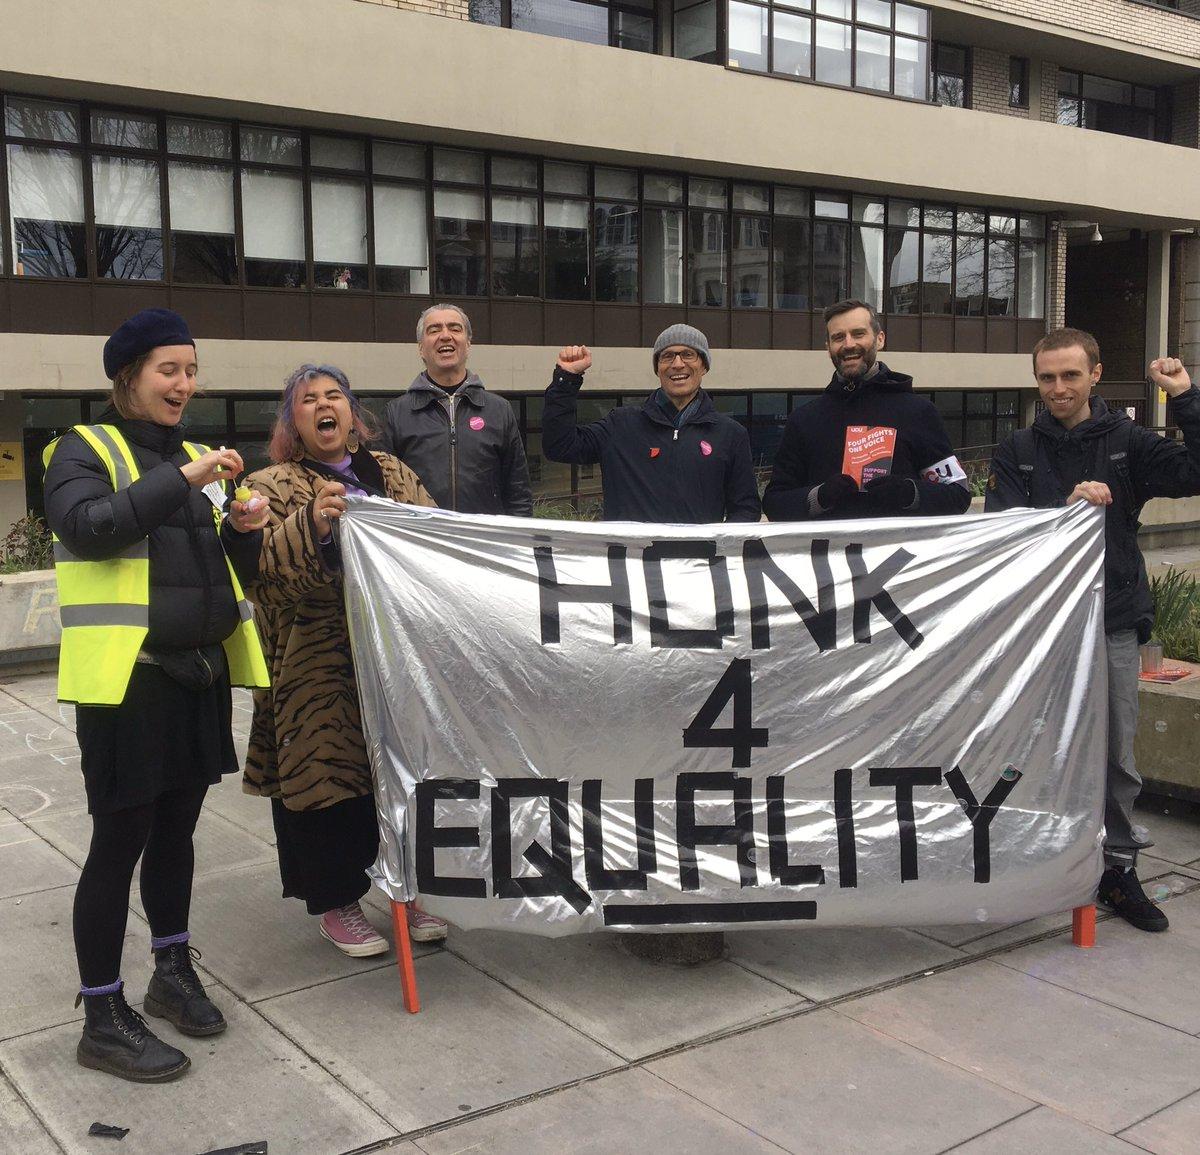 HONK!!! #UCUstrike